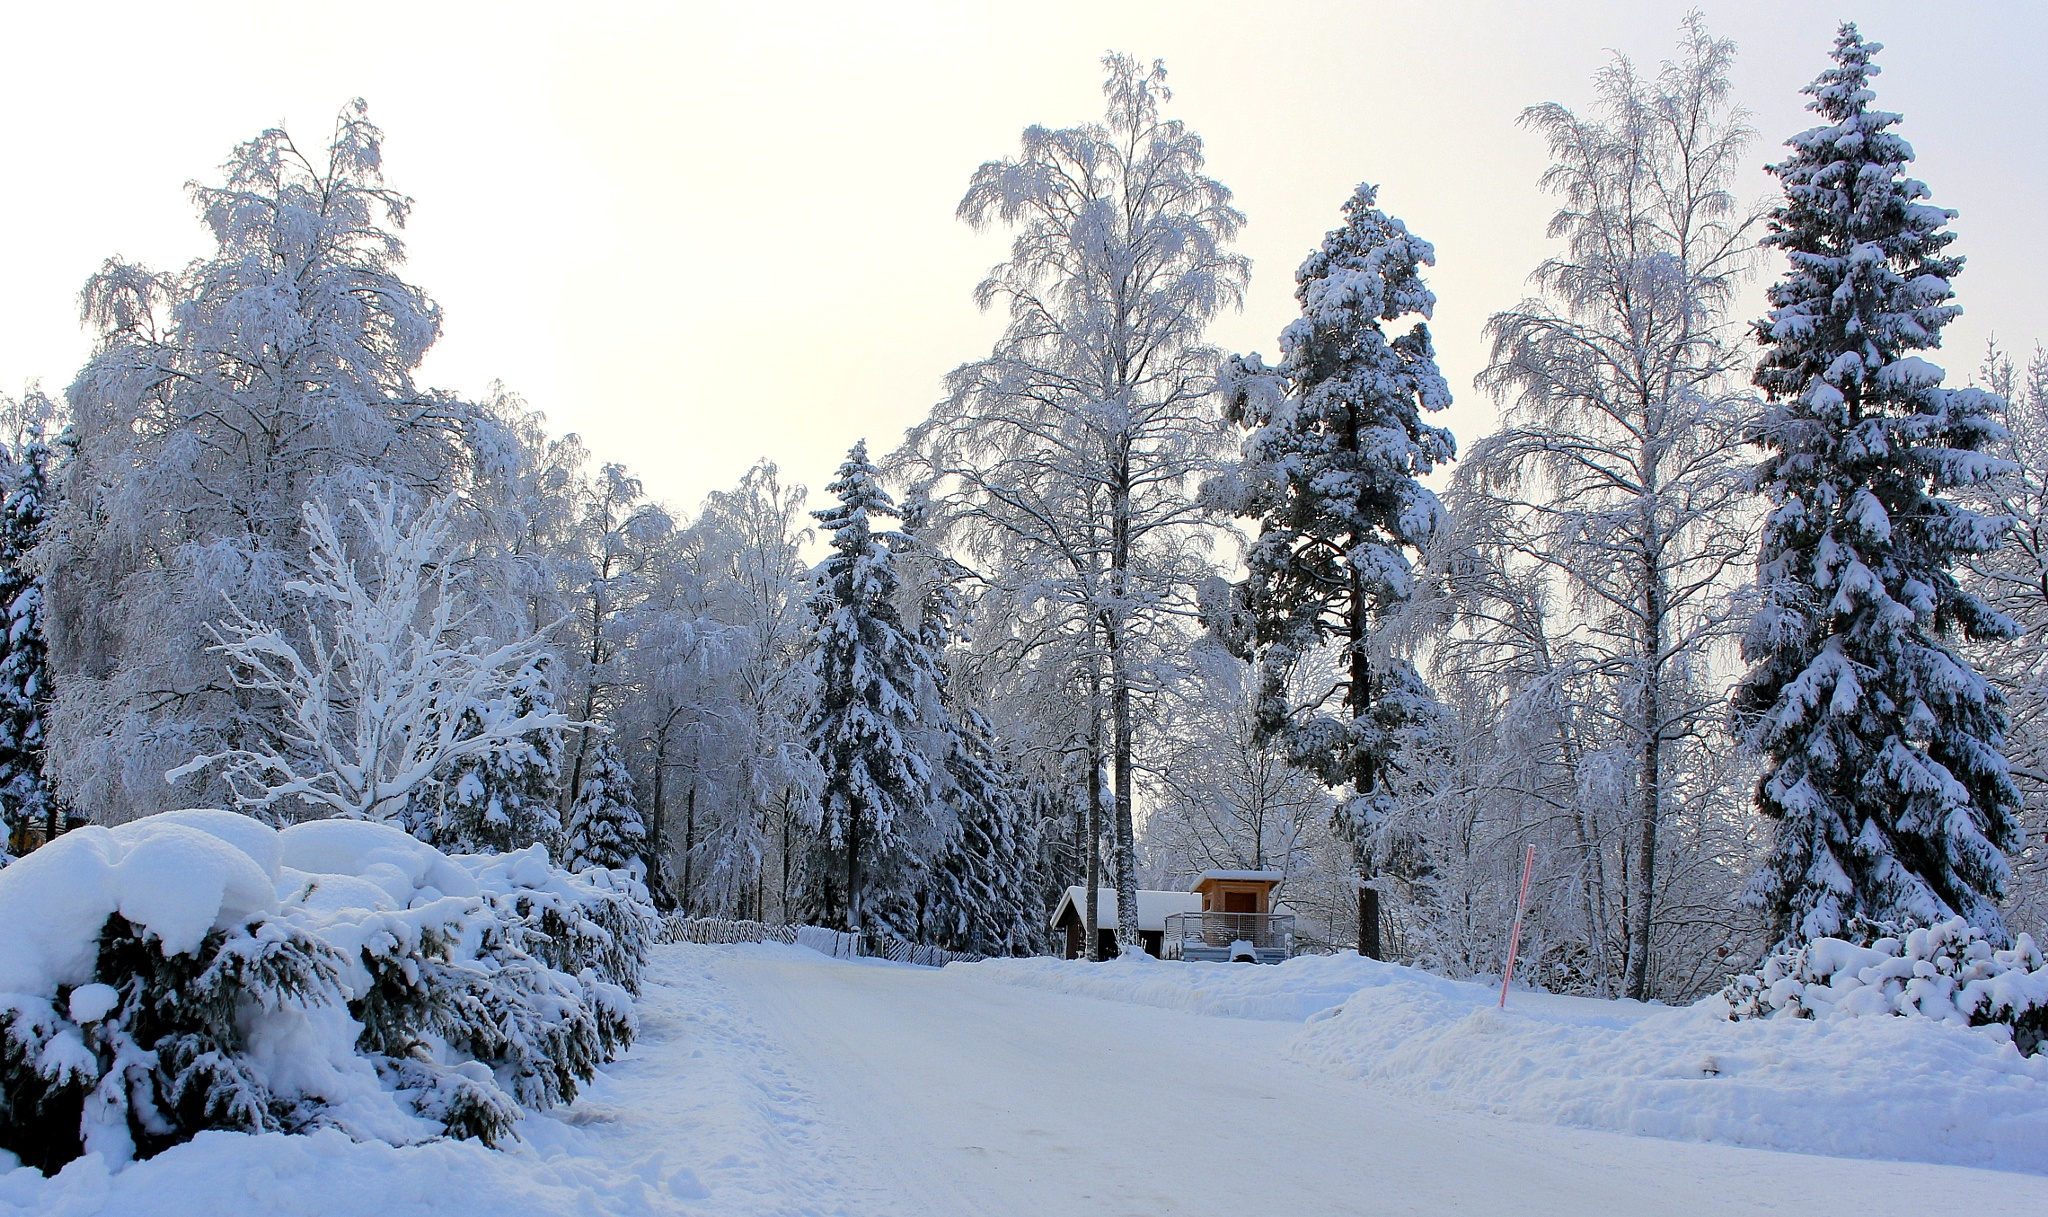 Winterwonderland by susannemkarlsson